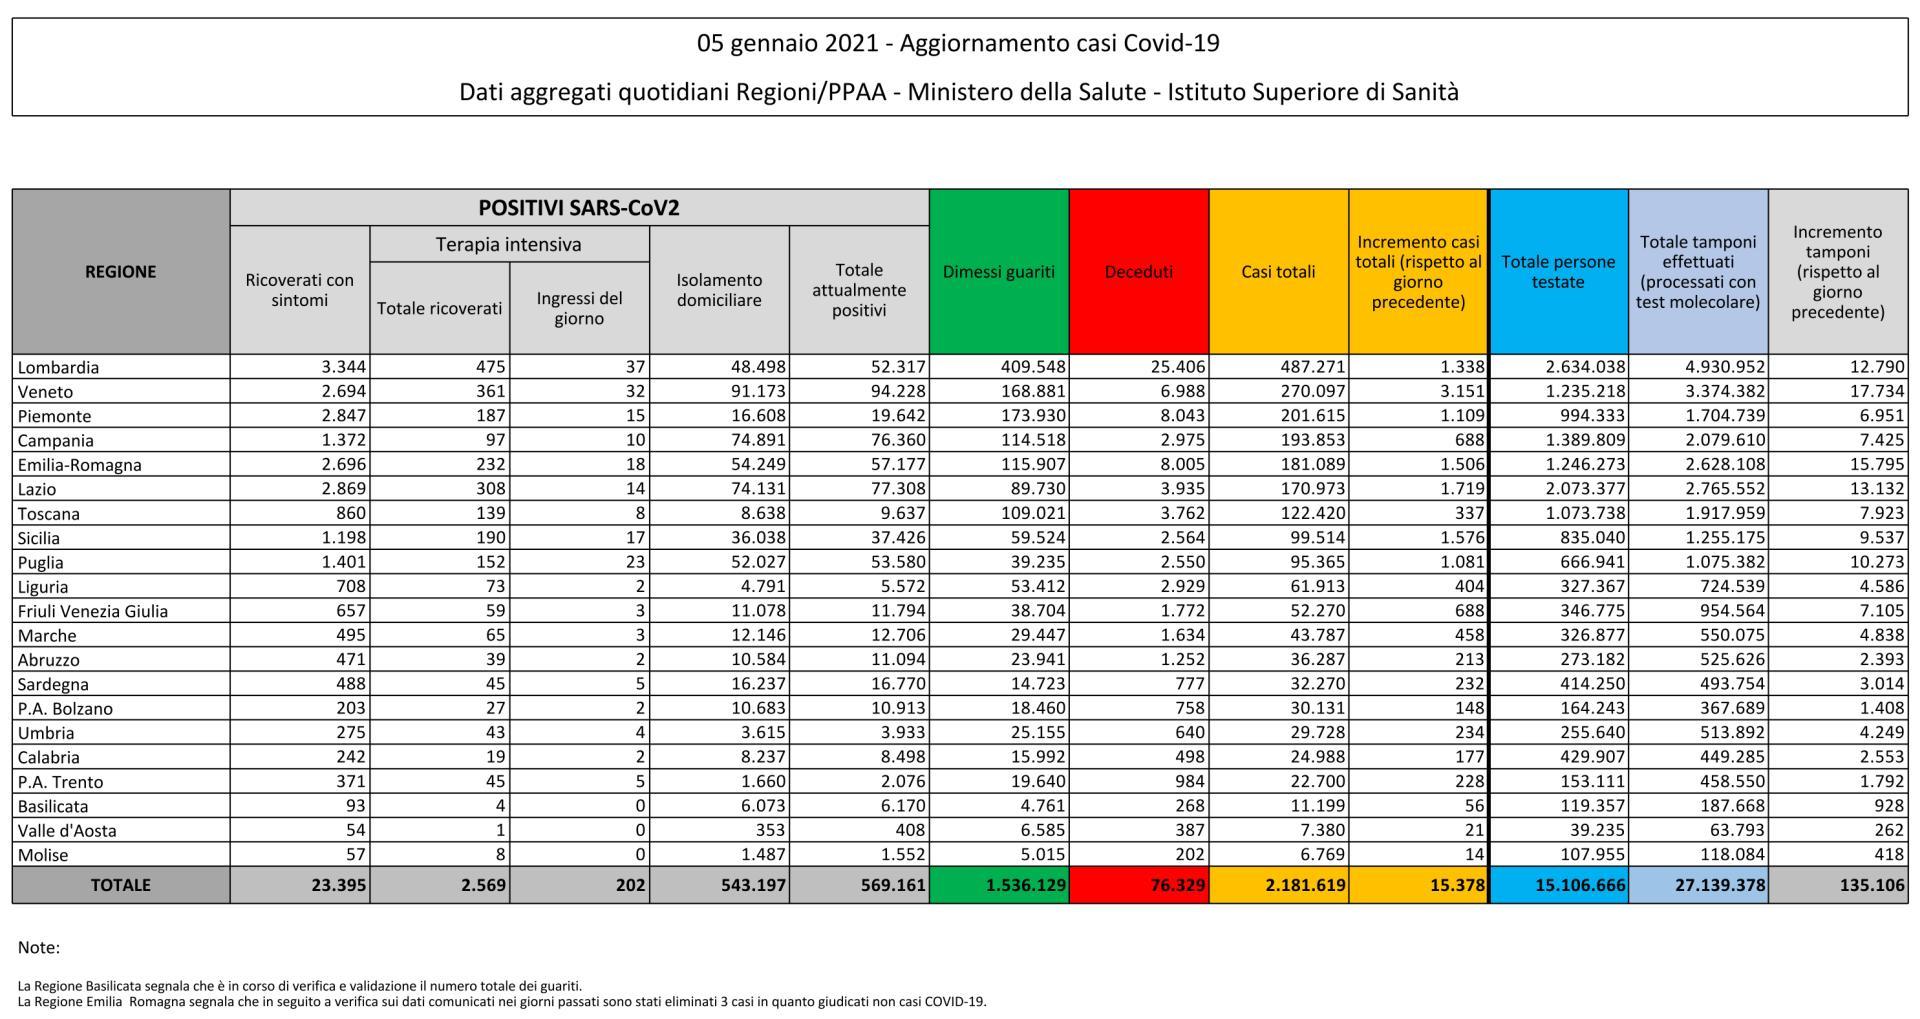 5 gennaio 2021 - Aggiornamento casi Covid-19 Dati aggregati quotidiani Regioni/PPAA - Ministero della Salute - Istituto Superiore di Sanità